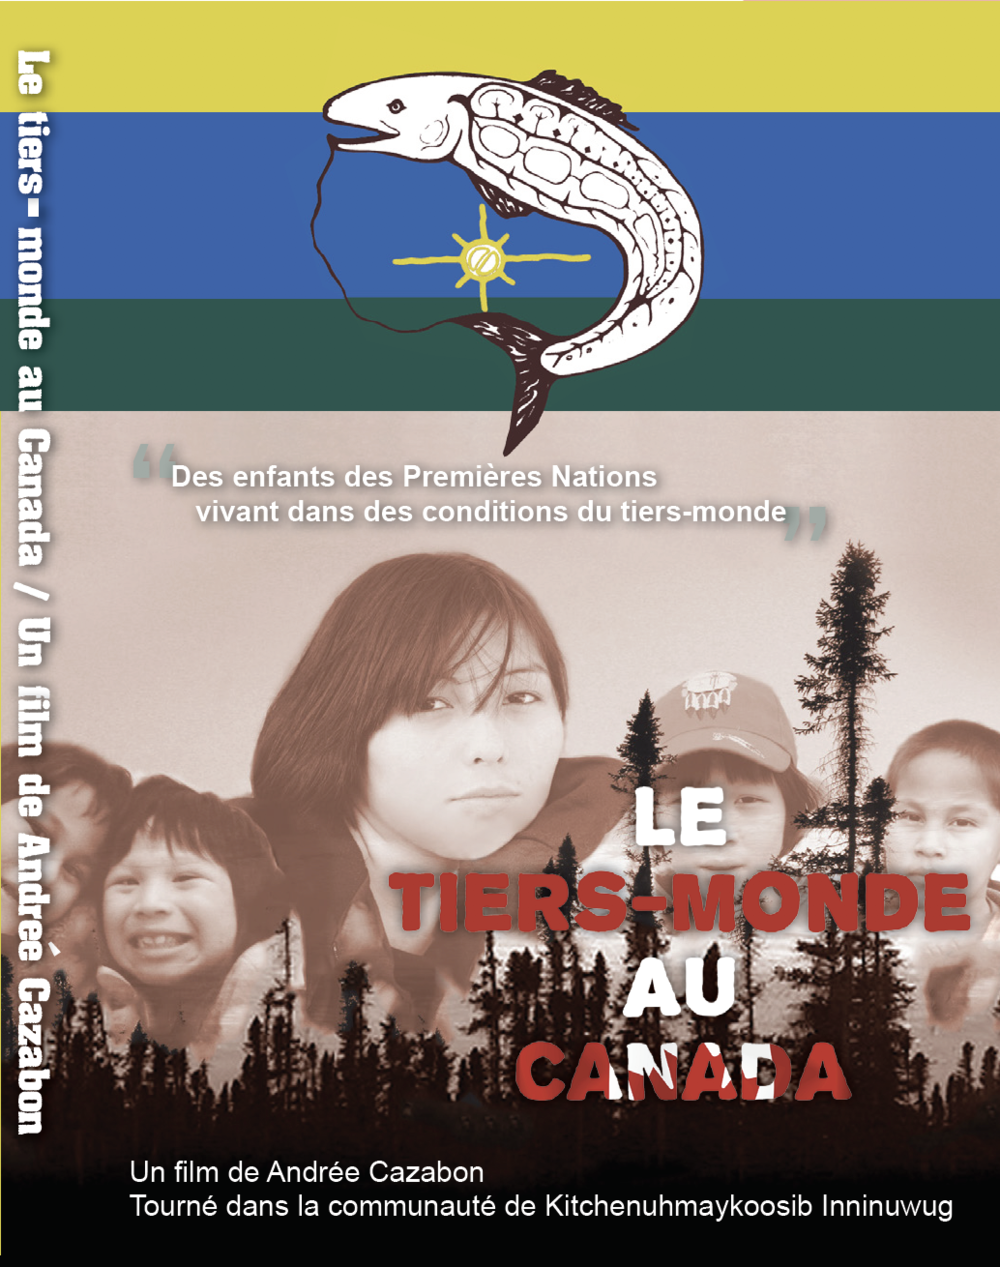 'Le Tiers-Monde au Canada' - Vous aurez accès au film, Le Tiers-monde au Canadaavec le lien ci-dessous.Nous vous demandons de vous assurer d'avoir visionnéle film avant de le présenter à vos élèves.https://vimeo.com/97461021Mot de passe: 3wc1234